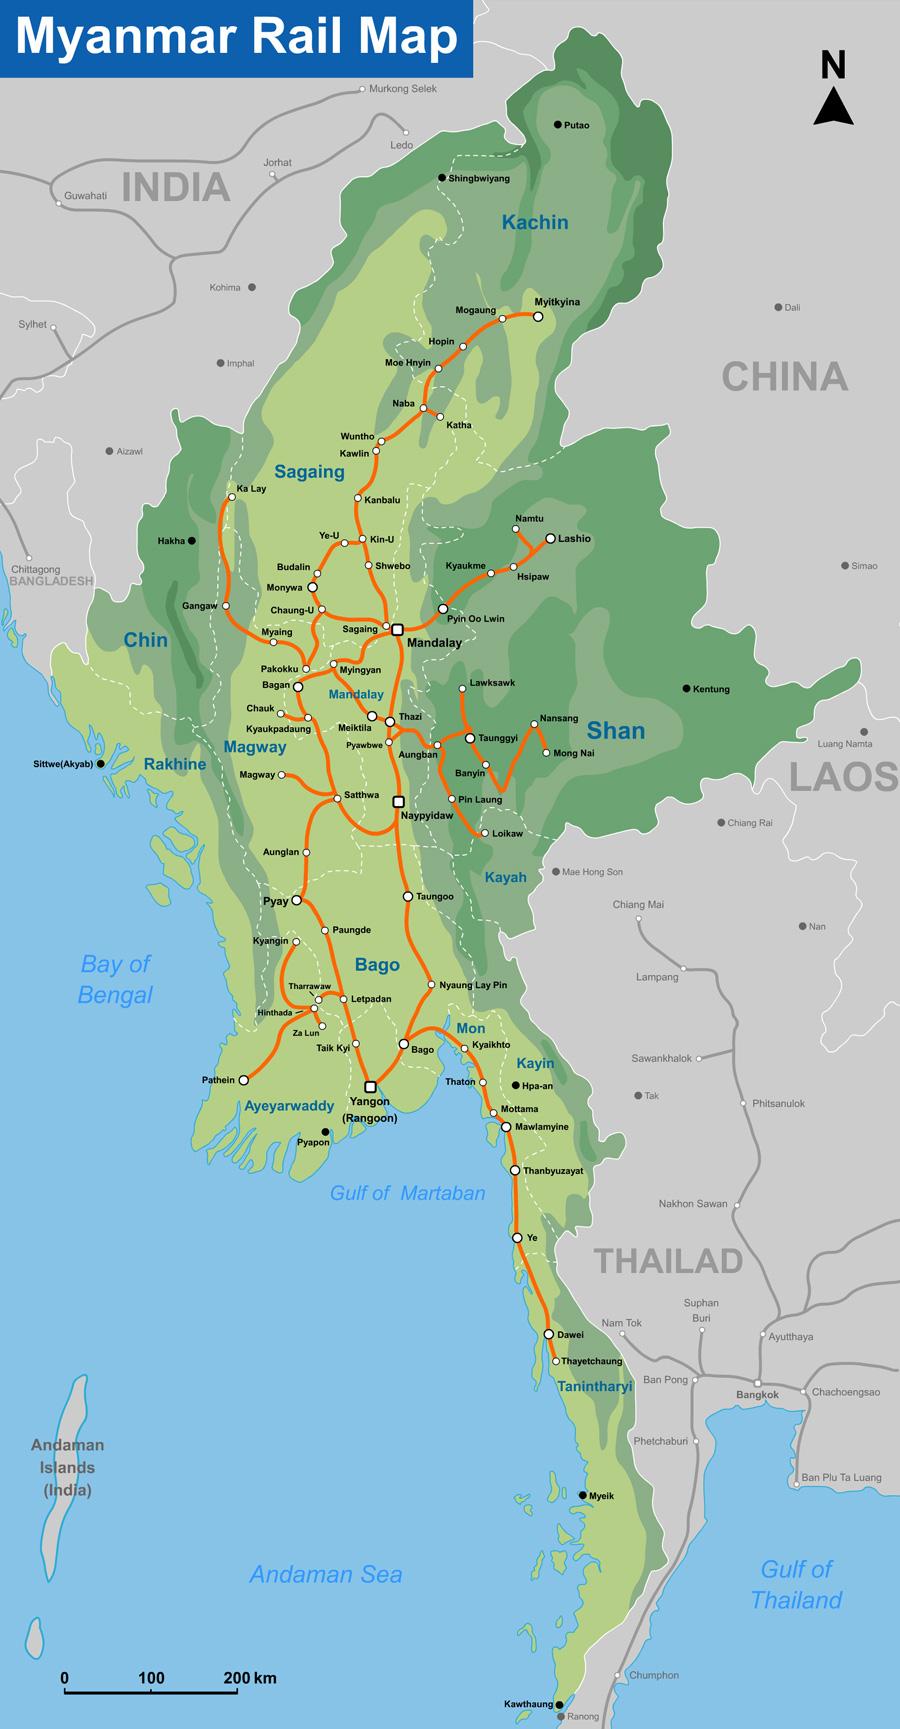 Схема железных дорог Мьянмы